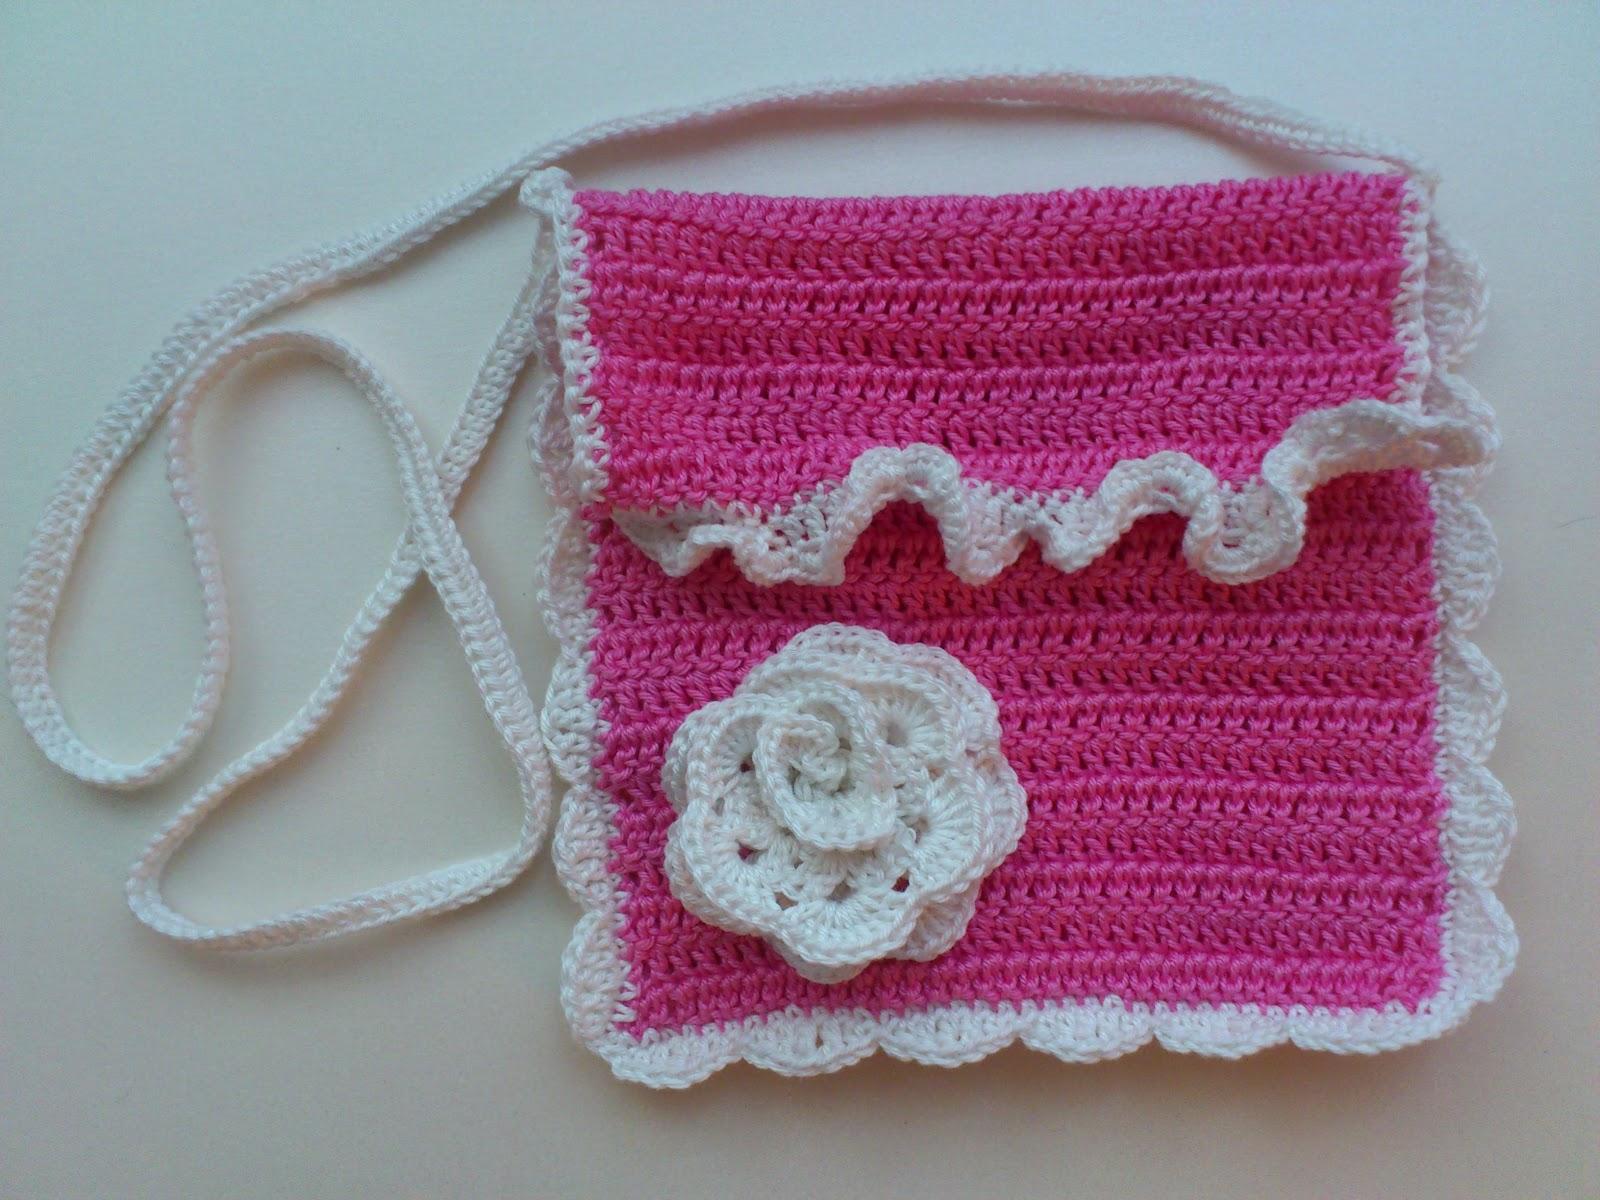 Маленькая сумочка крючком для девочки: необходимые материалы, мастер-класс вязания и последовательность работы